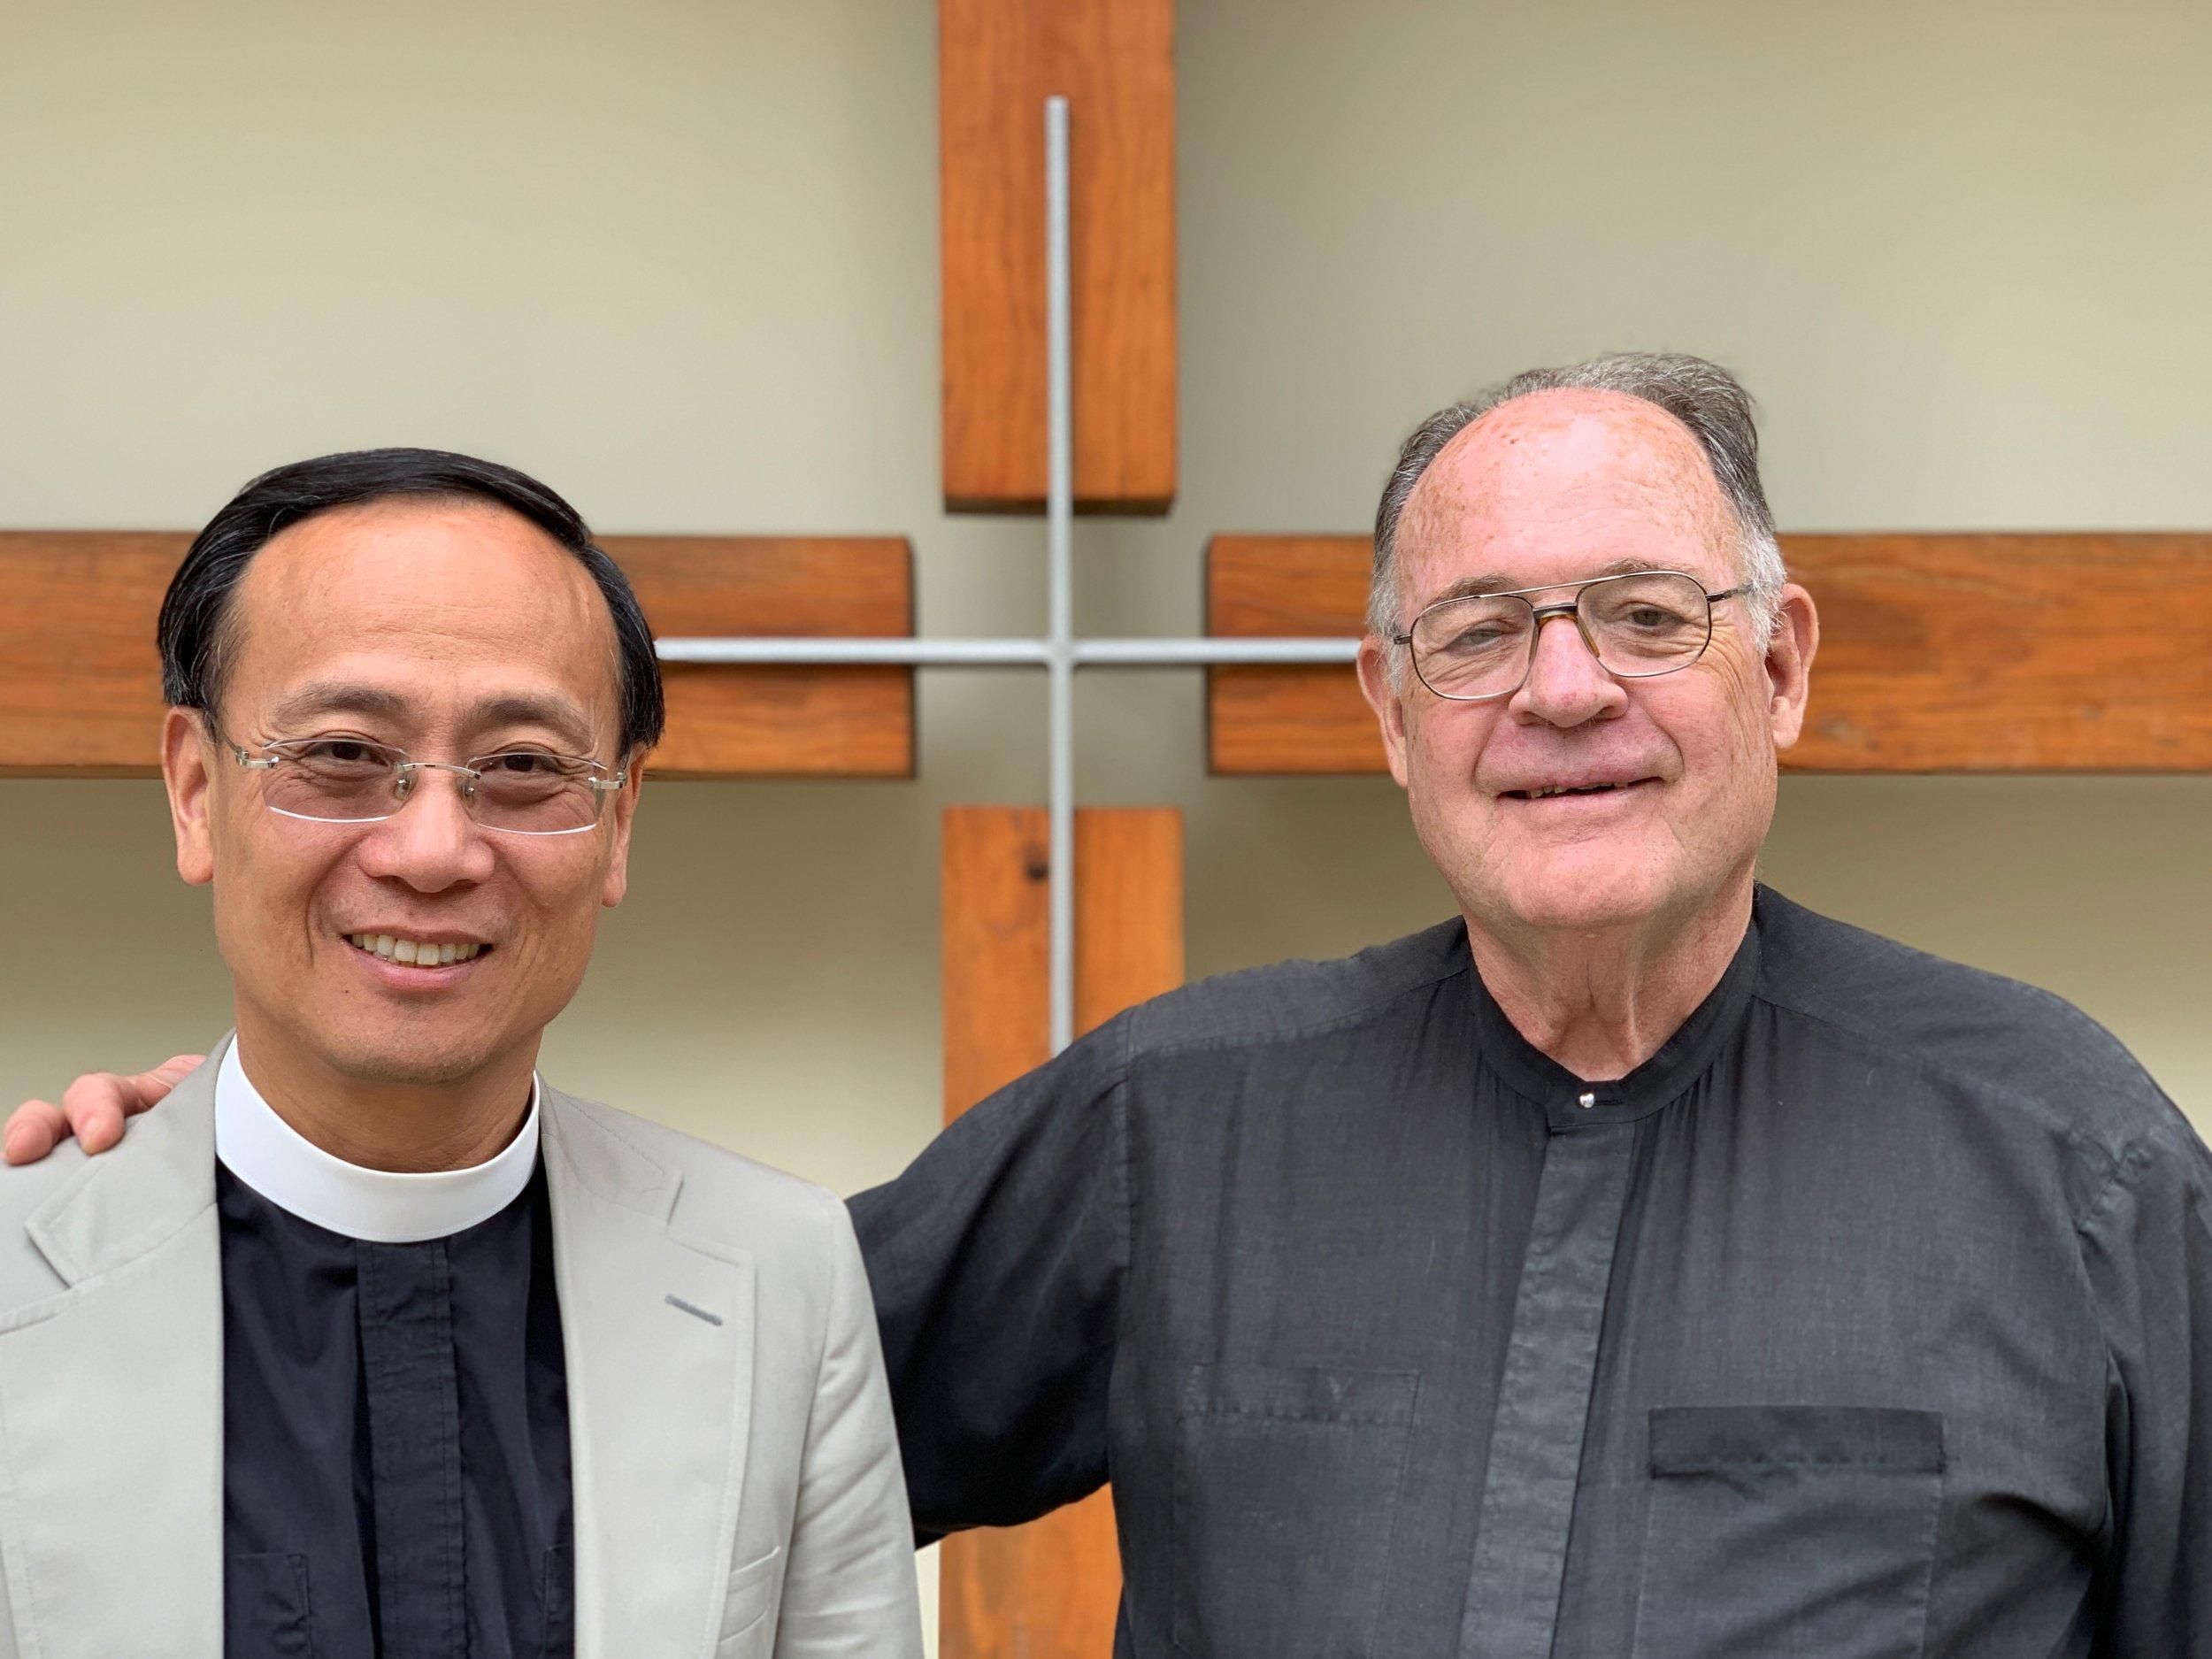 The Rev. Dr. Thomas Ni & The Rev. Bill Land Doulos